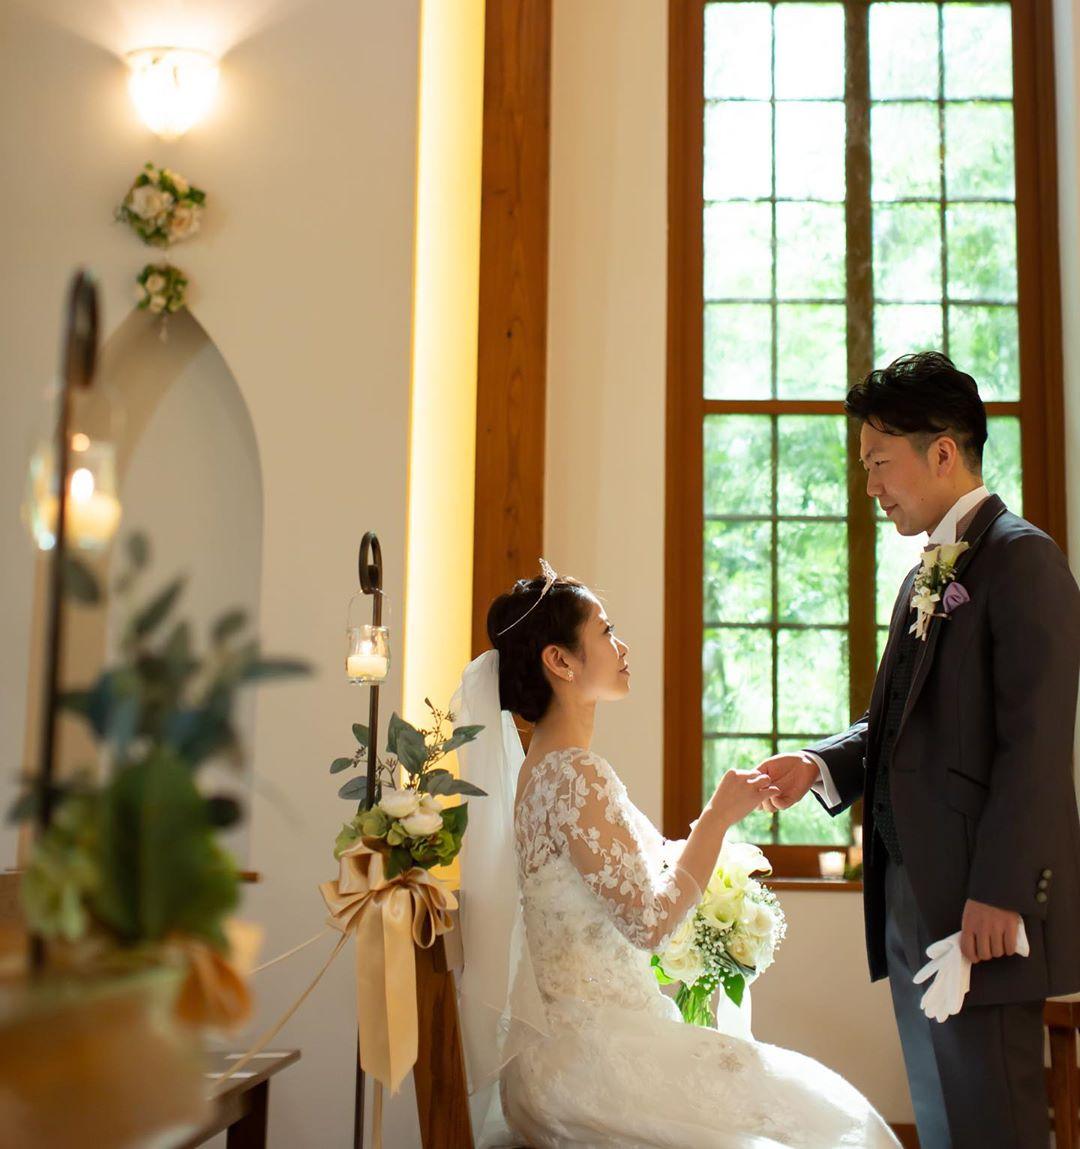 レース模様の長袖を着た花嫁